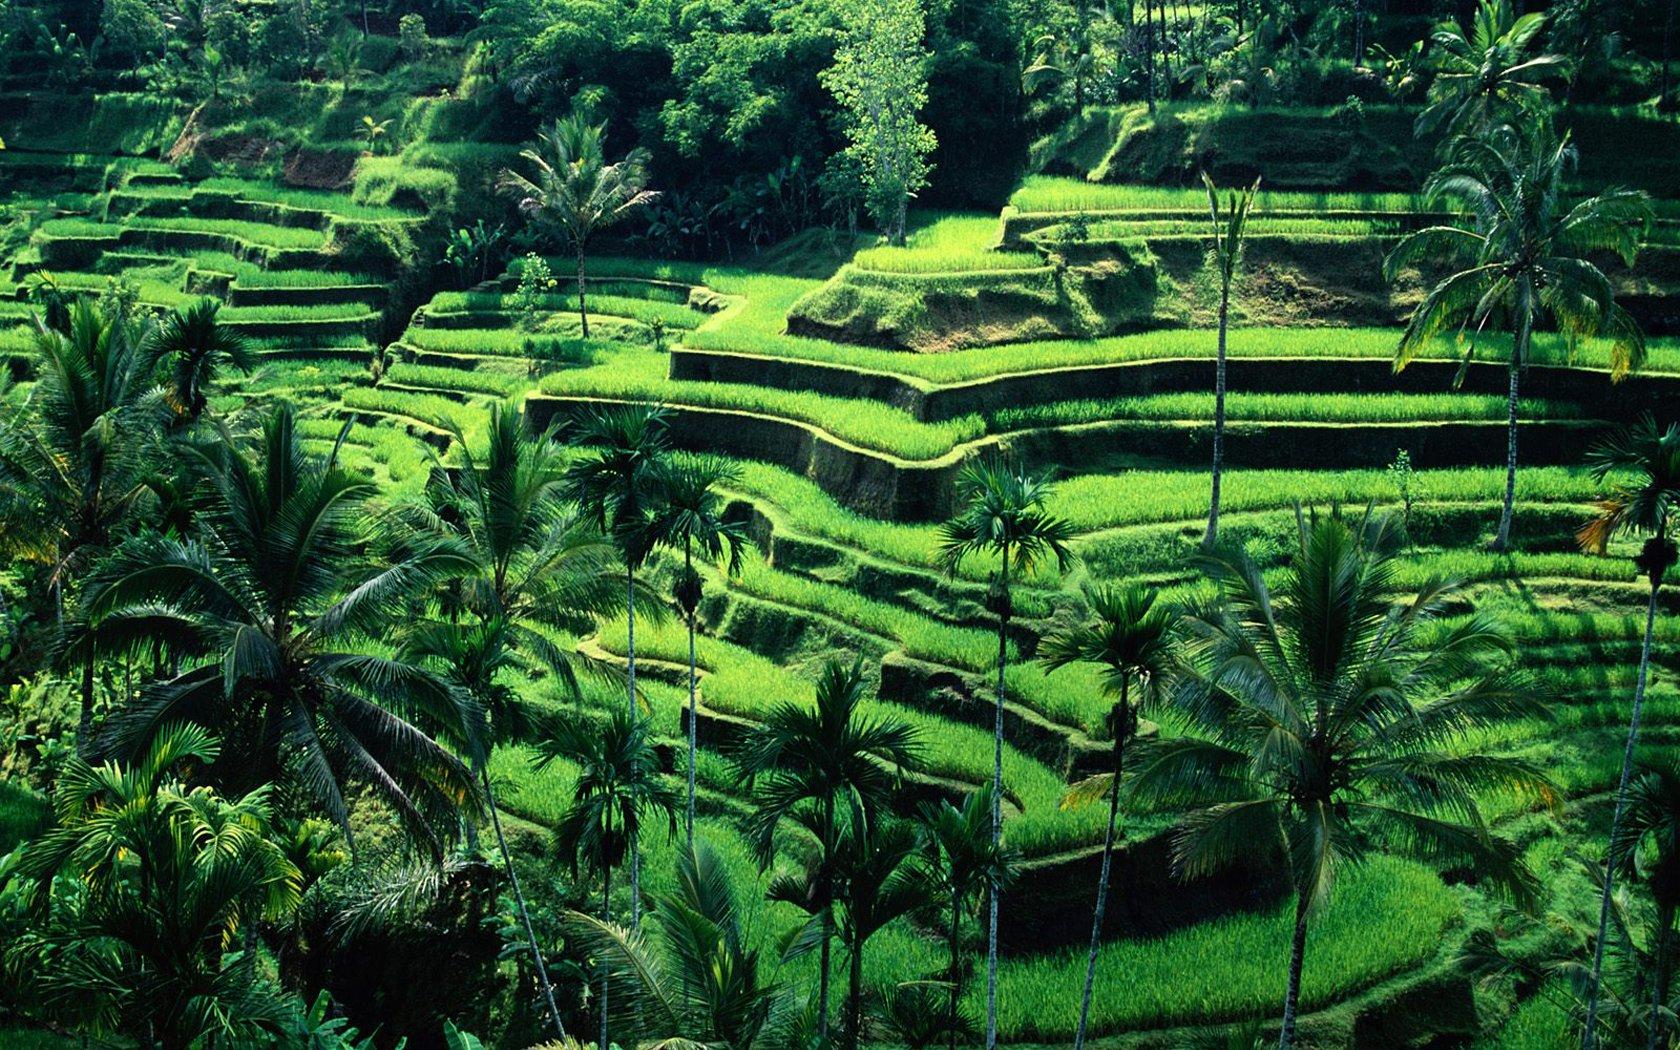 Bali myexoticdreamnet